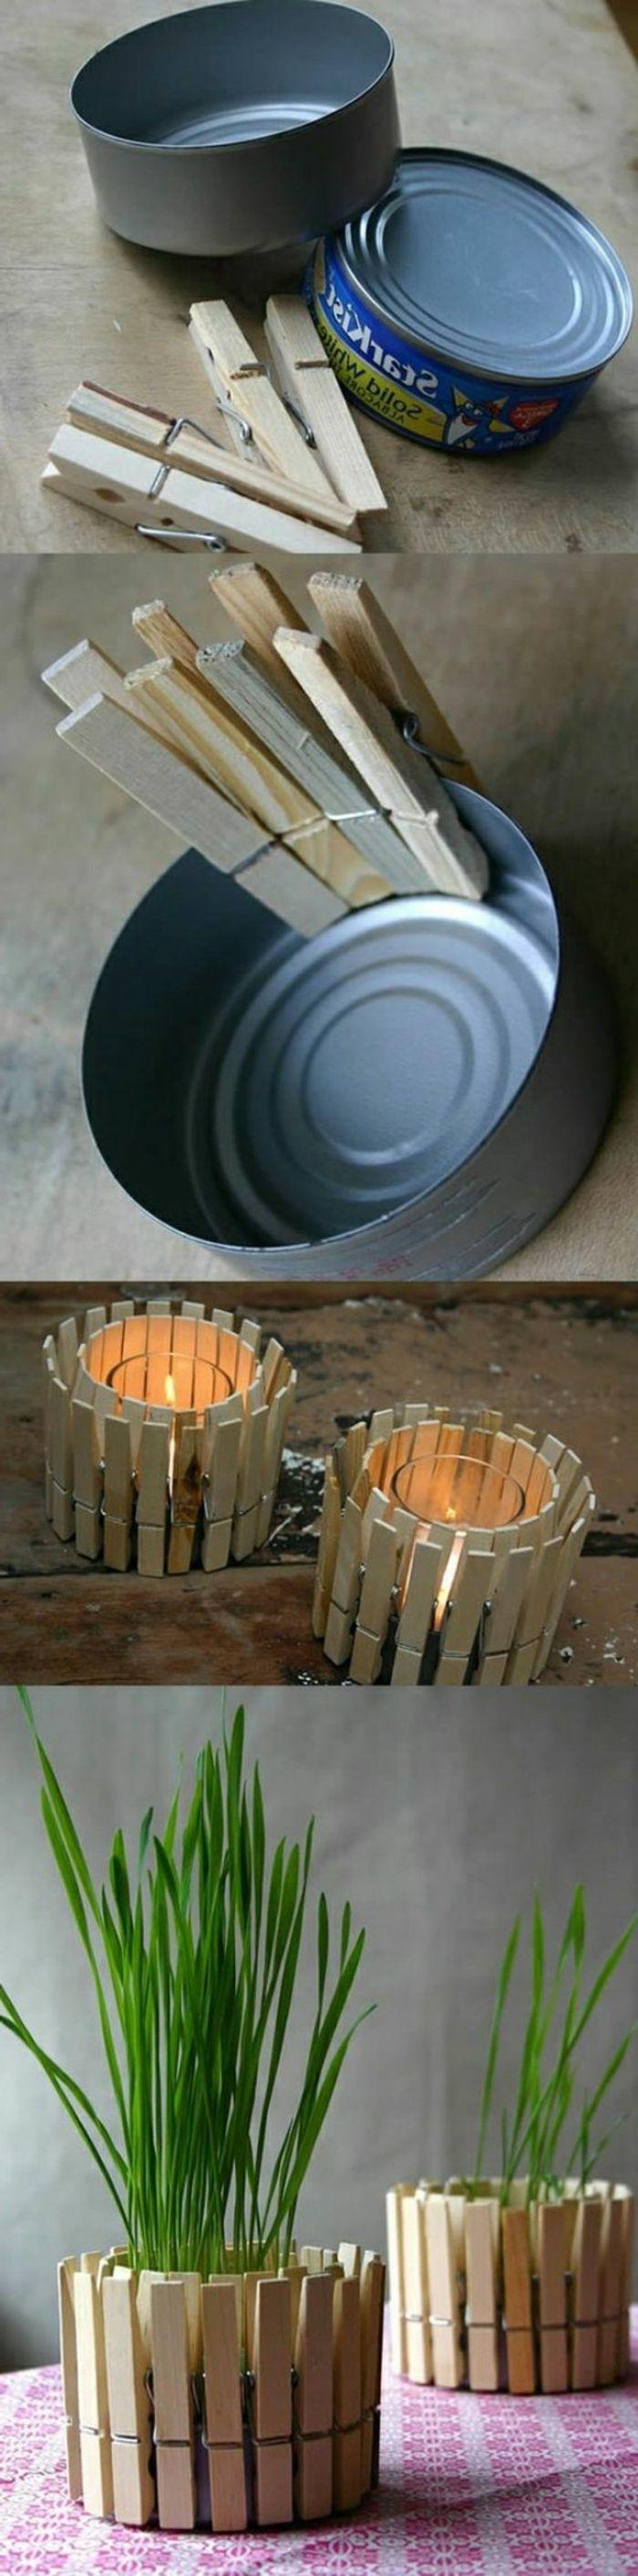 1001 tutoriels et id es de recyclage bo te de conserve formation bricolages pinterest diy. Black Bedroom Furniture Sets. Home Design Ideas